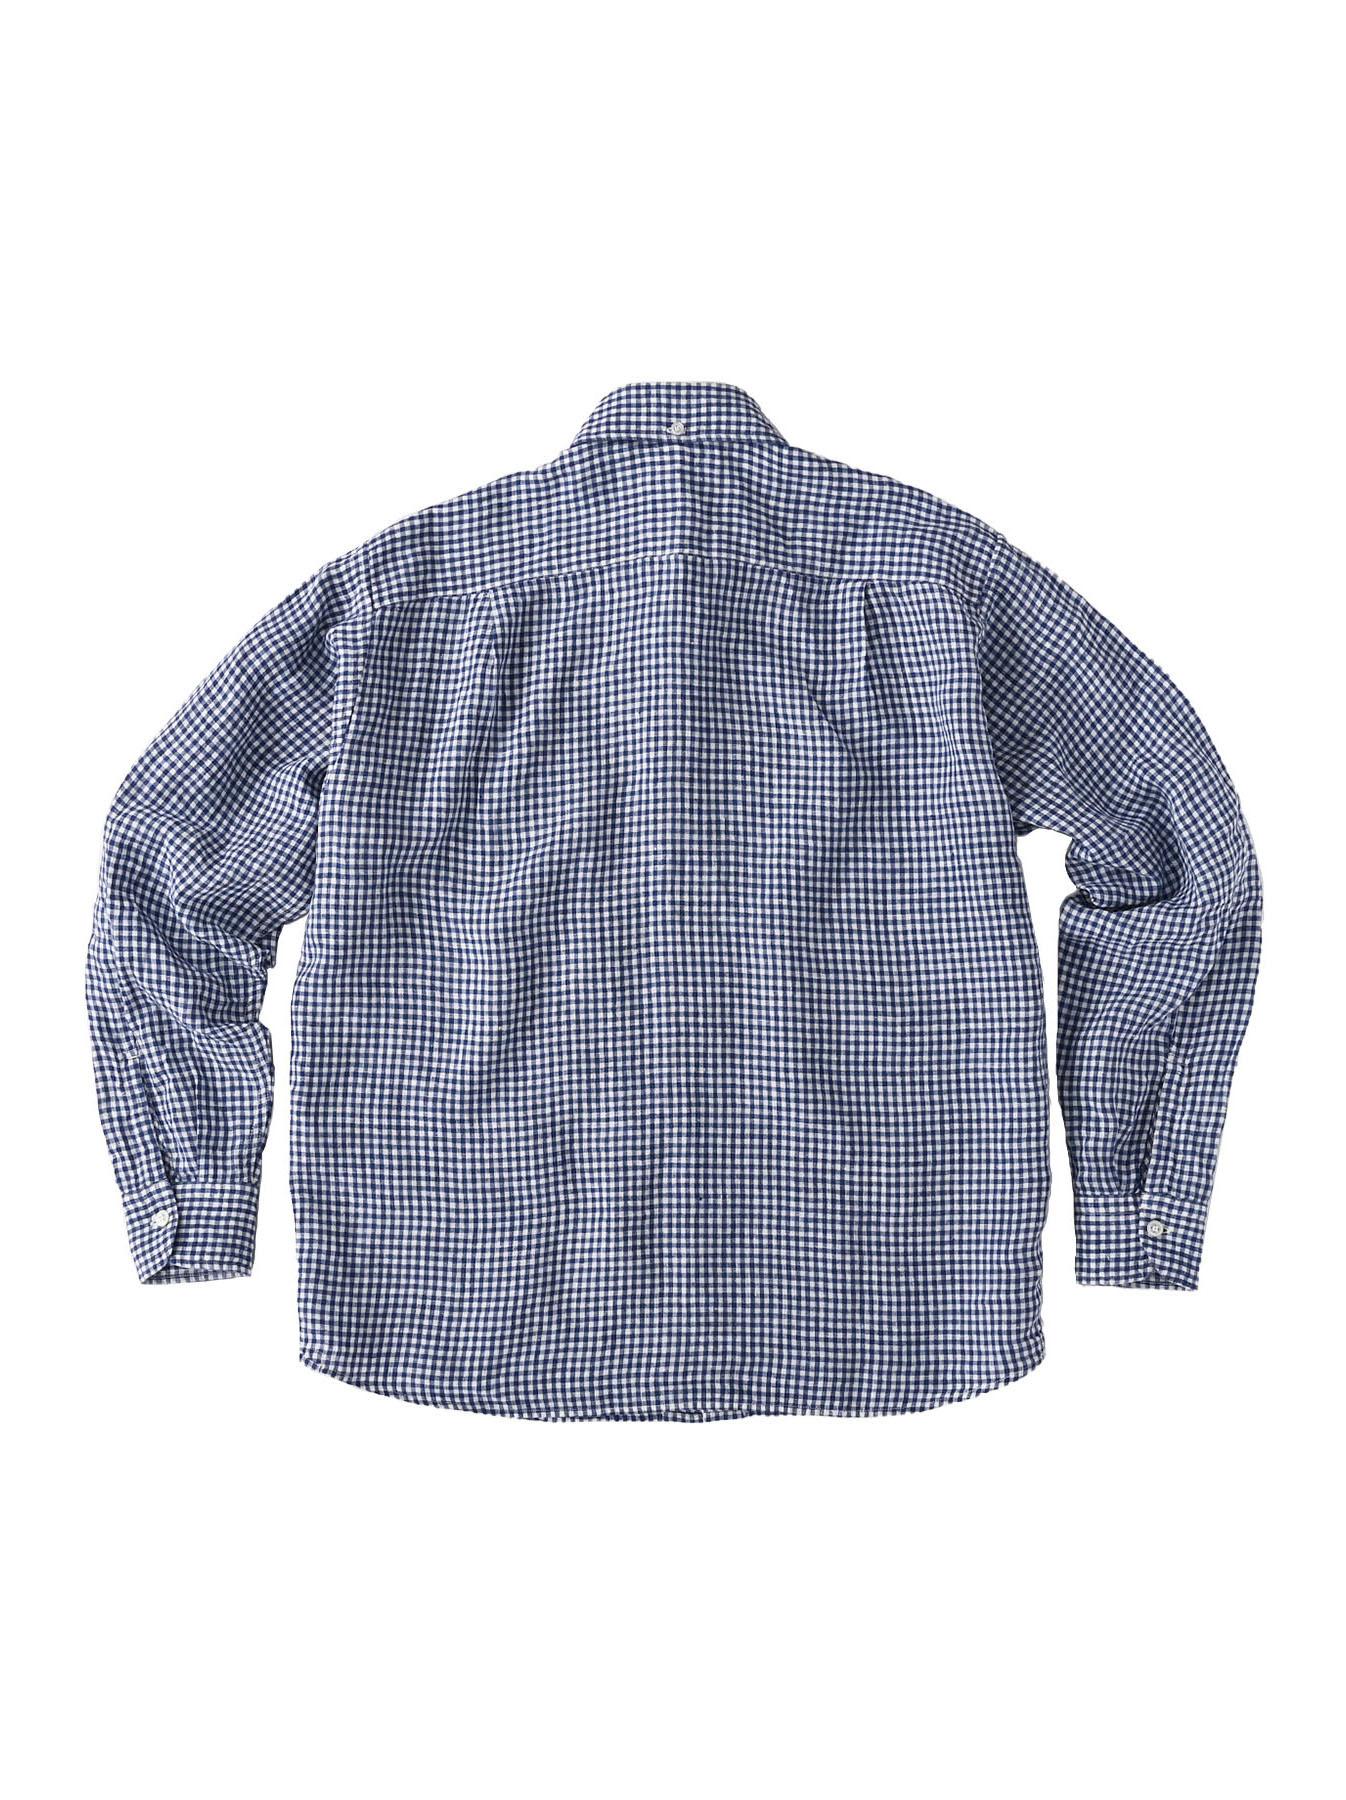 Indian Linen Flat 908 Ocean Shirt (0521)-7